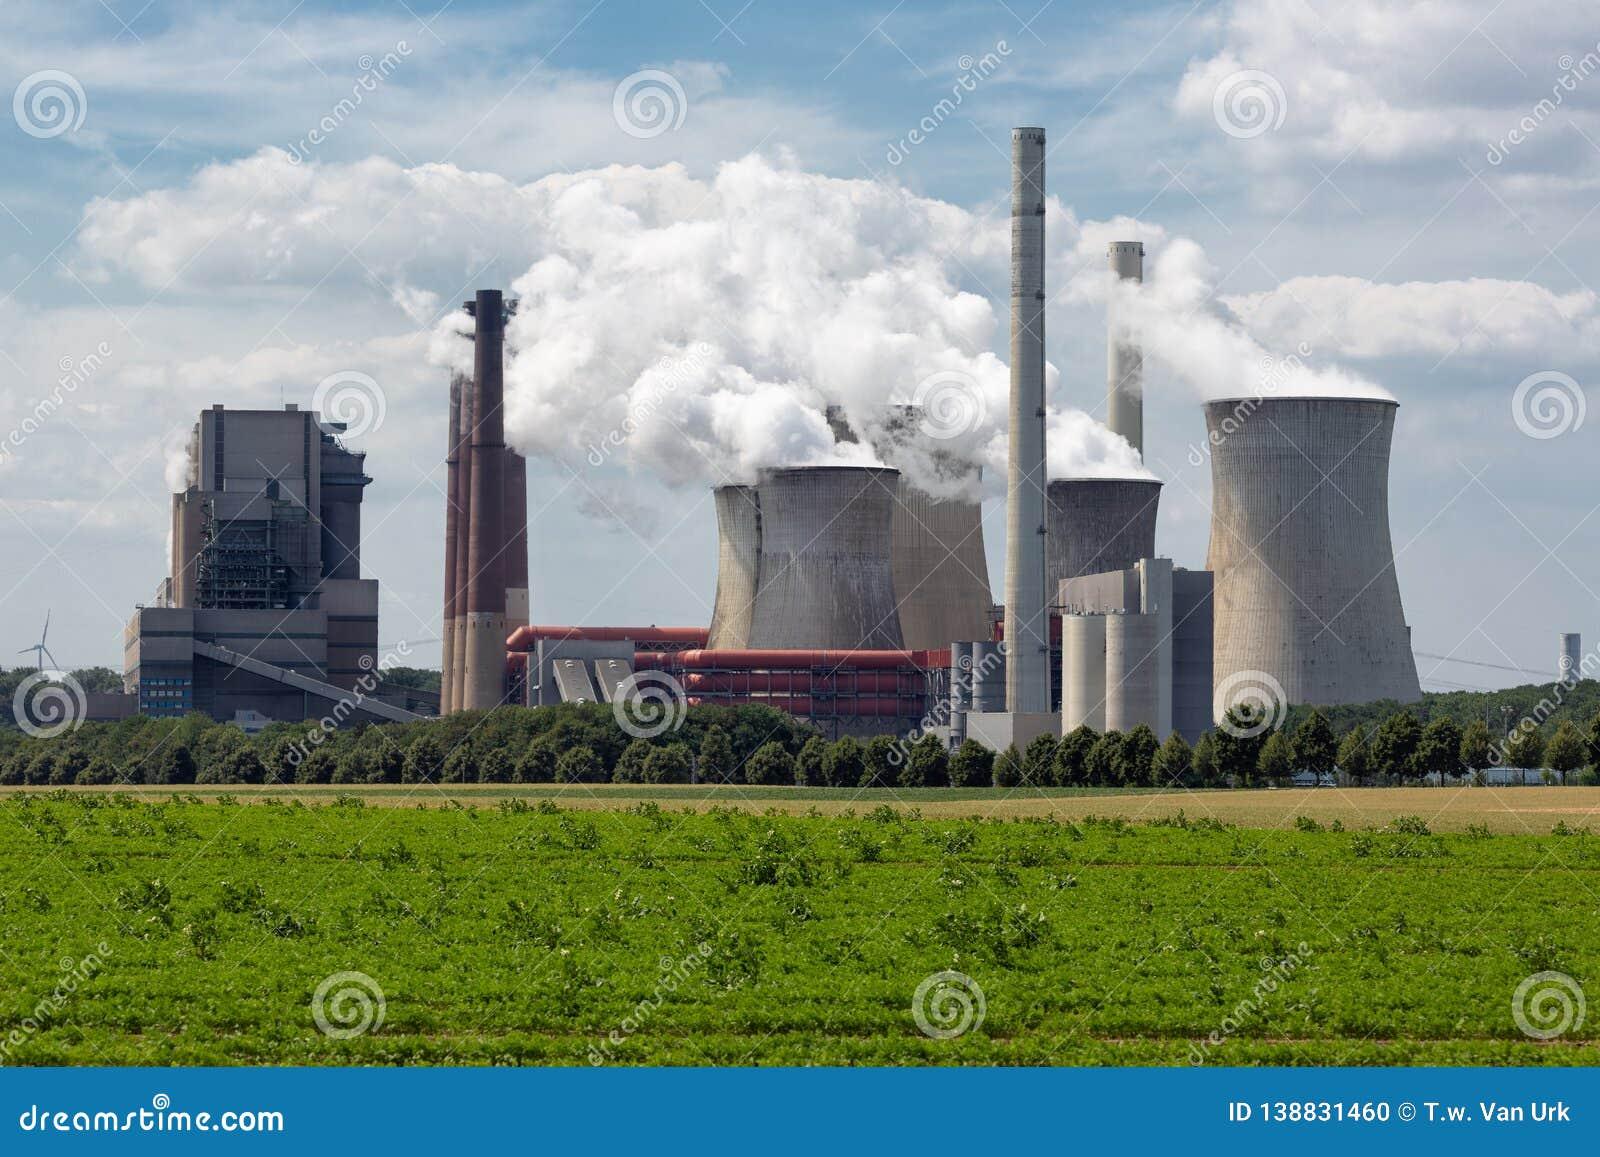 Kohlebeheiztes Kraftwerk nahe Braunkohlenbergwerk Garzweiler in Deutschland